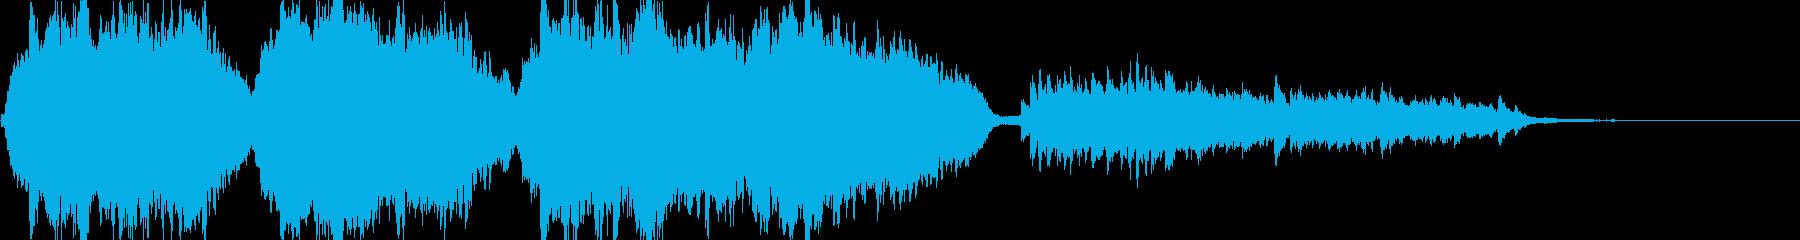 サン=サーンス動物の謝肉祭「水族館」冒頭の再生済みの波形